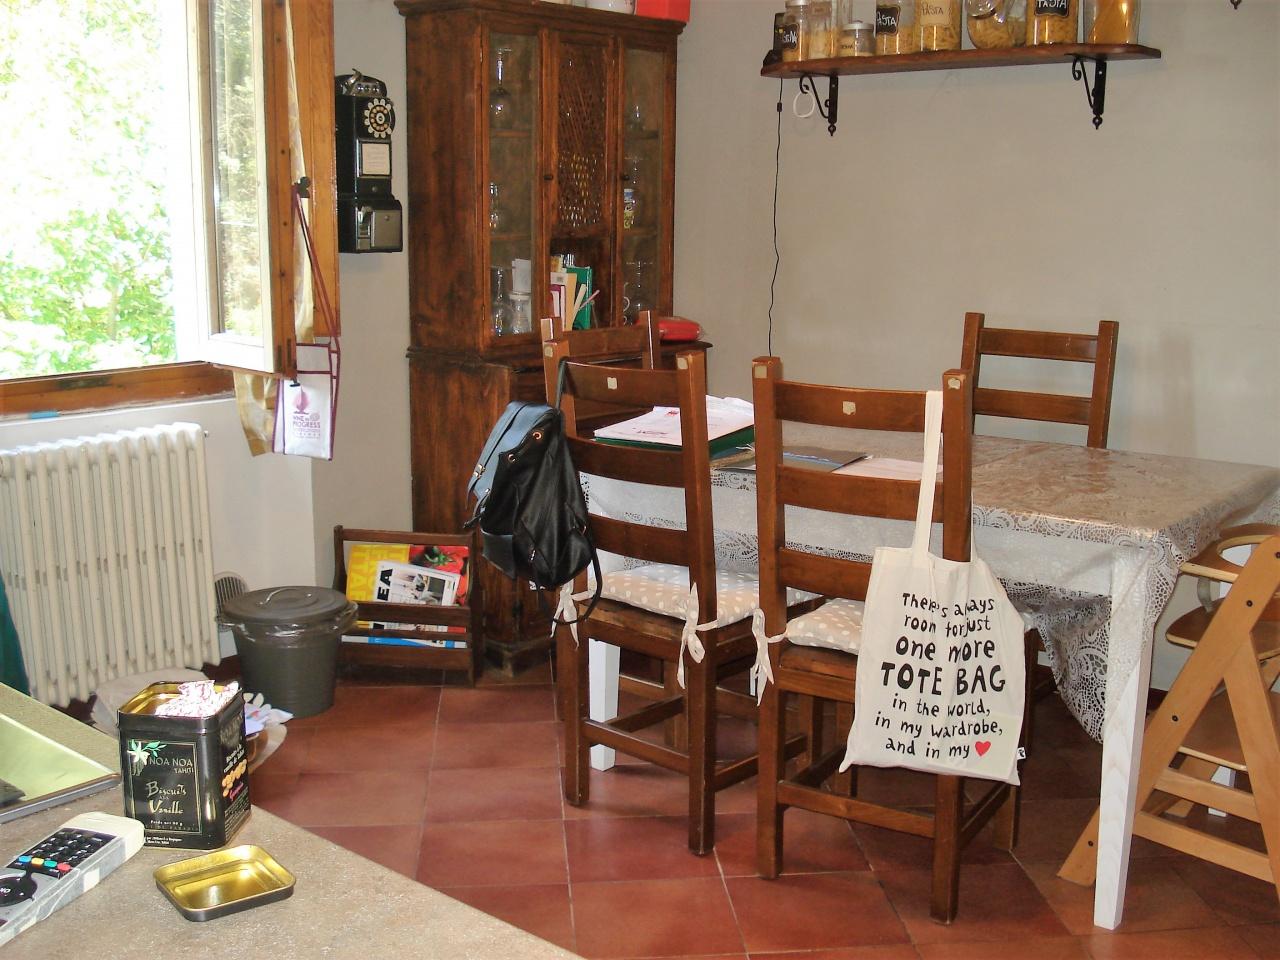 Appartamento indipendente quadrilocale in vendita a Cantagallo (PO)